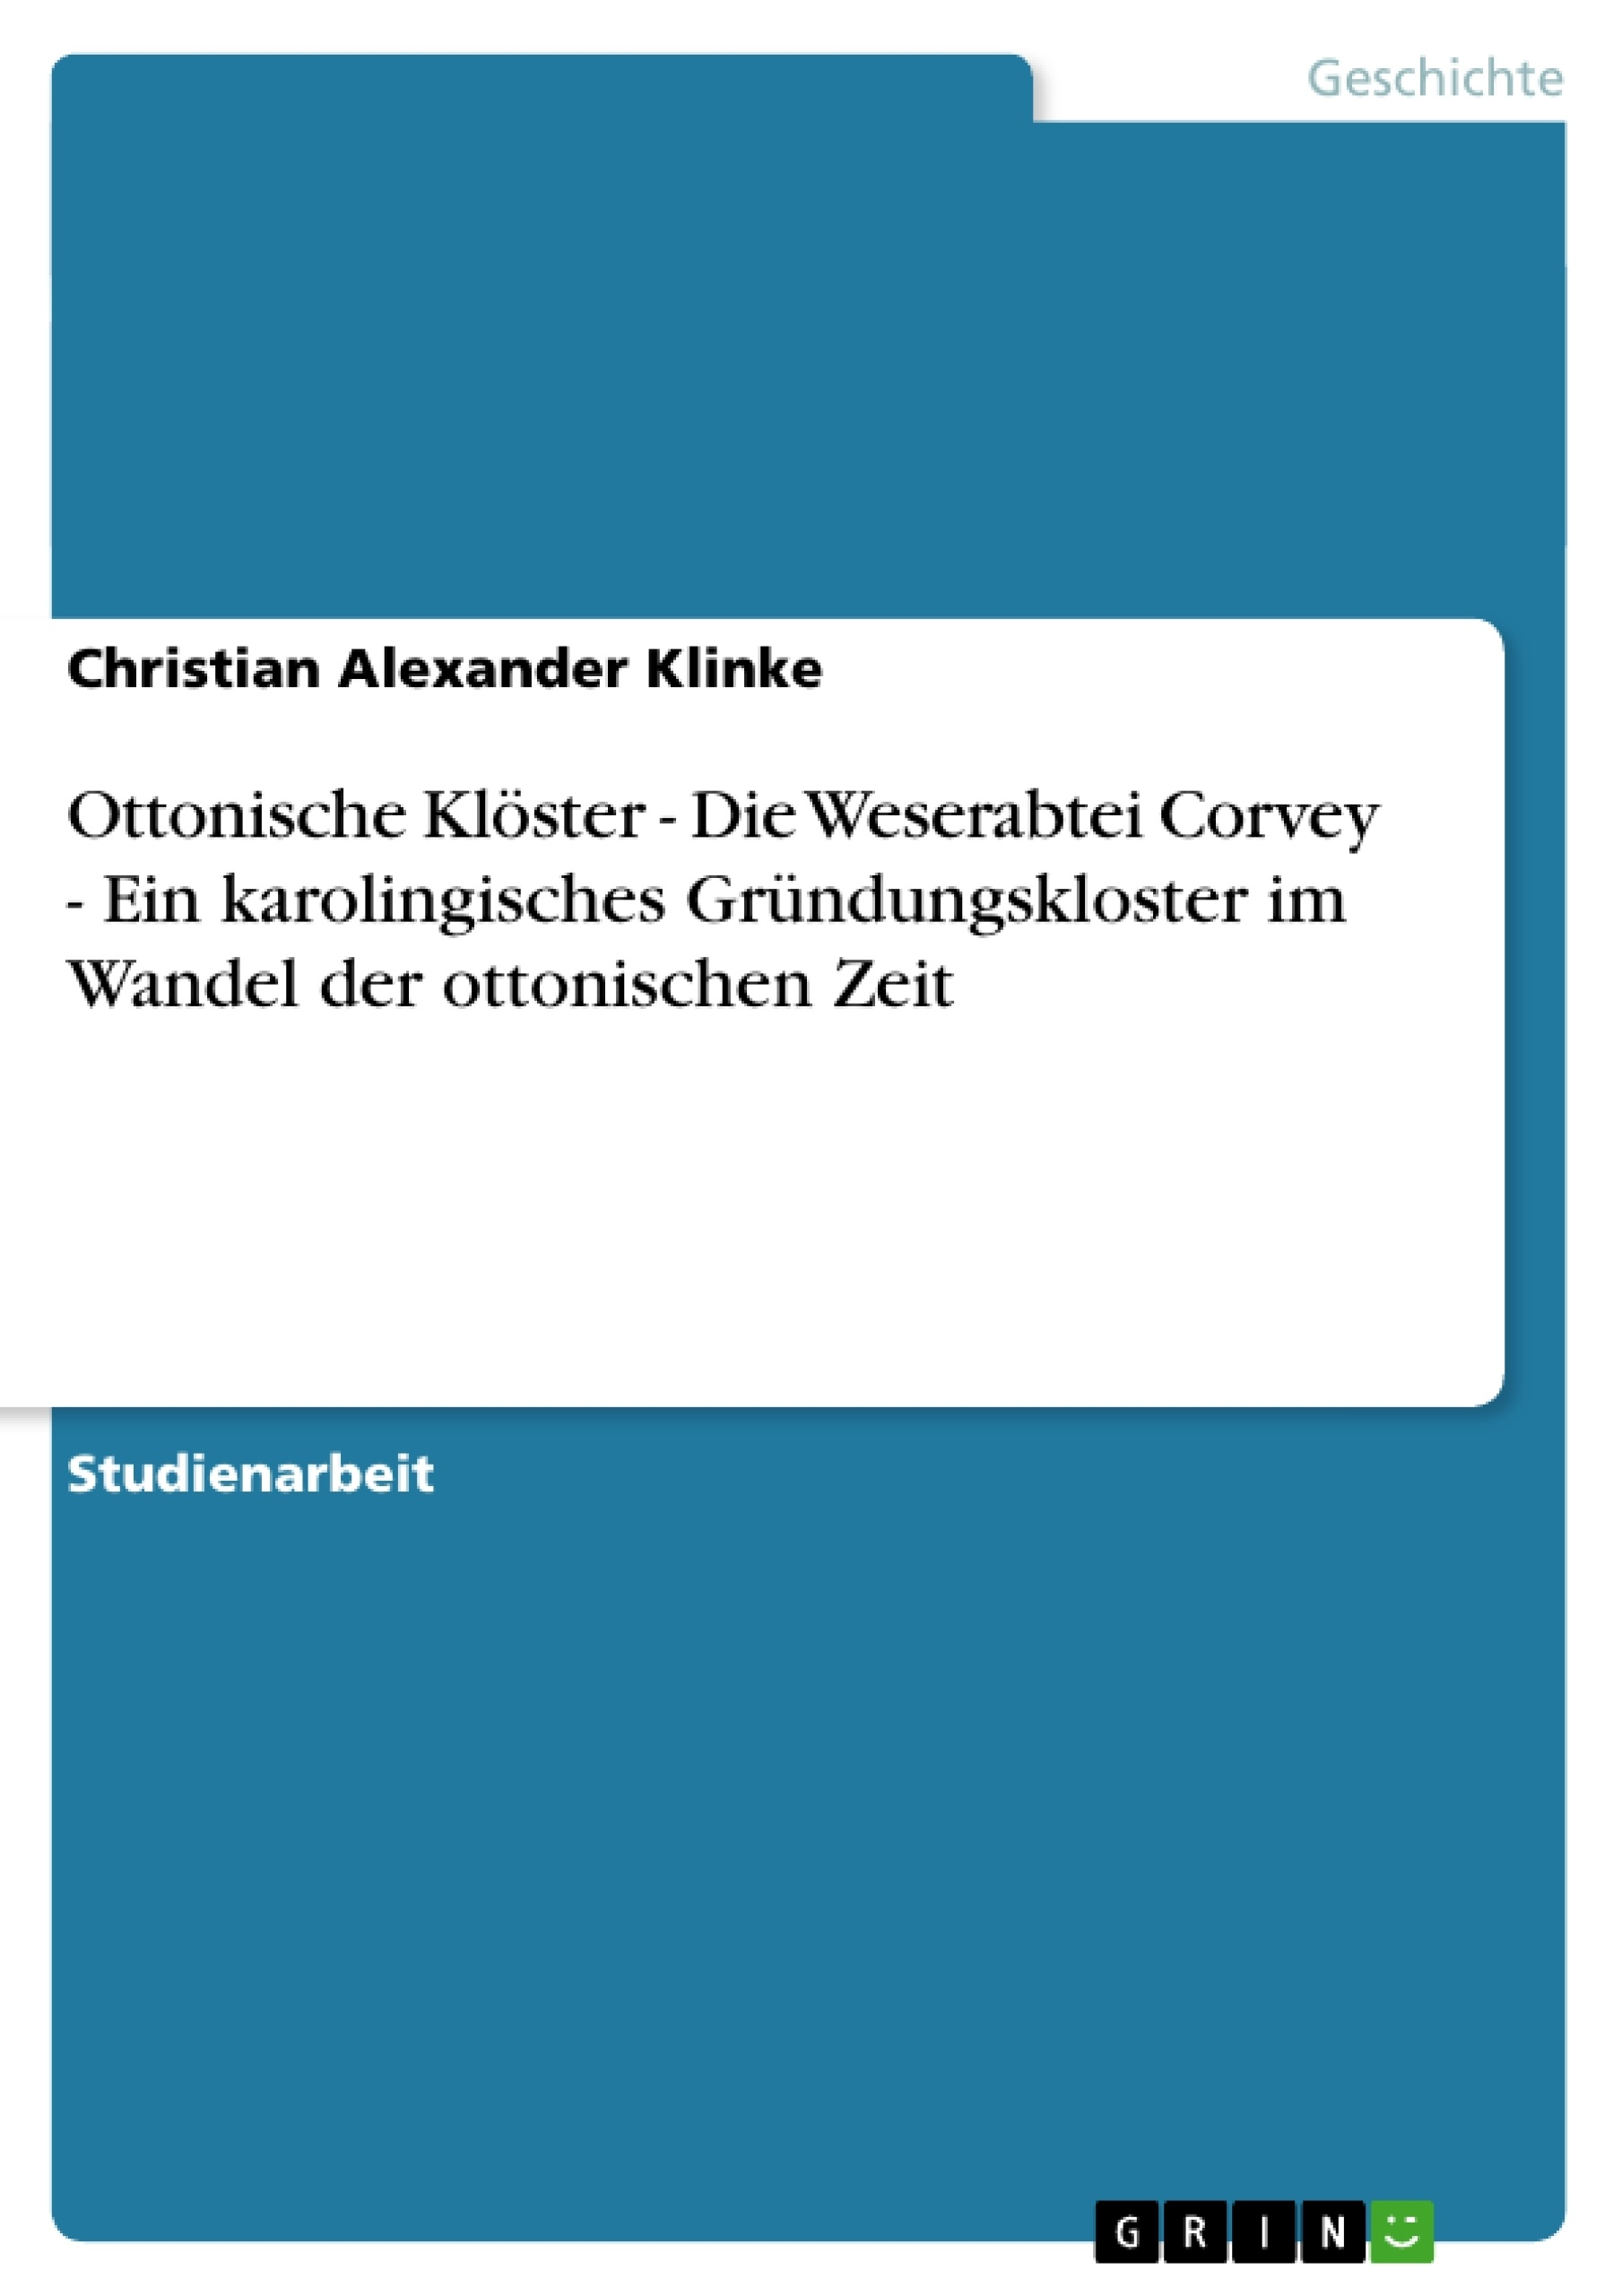 Titel: Ottonische Klöster - Die Weserabtei Corvey - Ein karolingisches Gründungskloster im Wandel der ottonischen Zeit